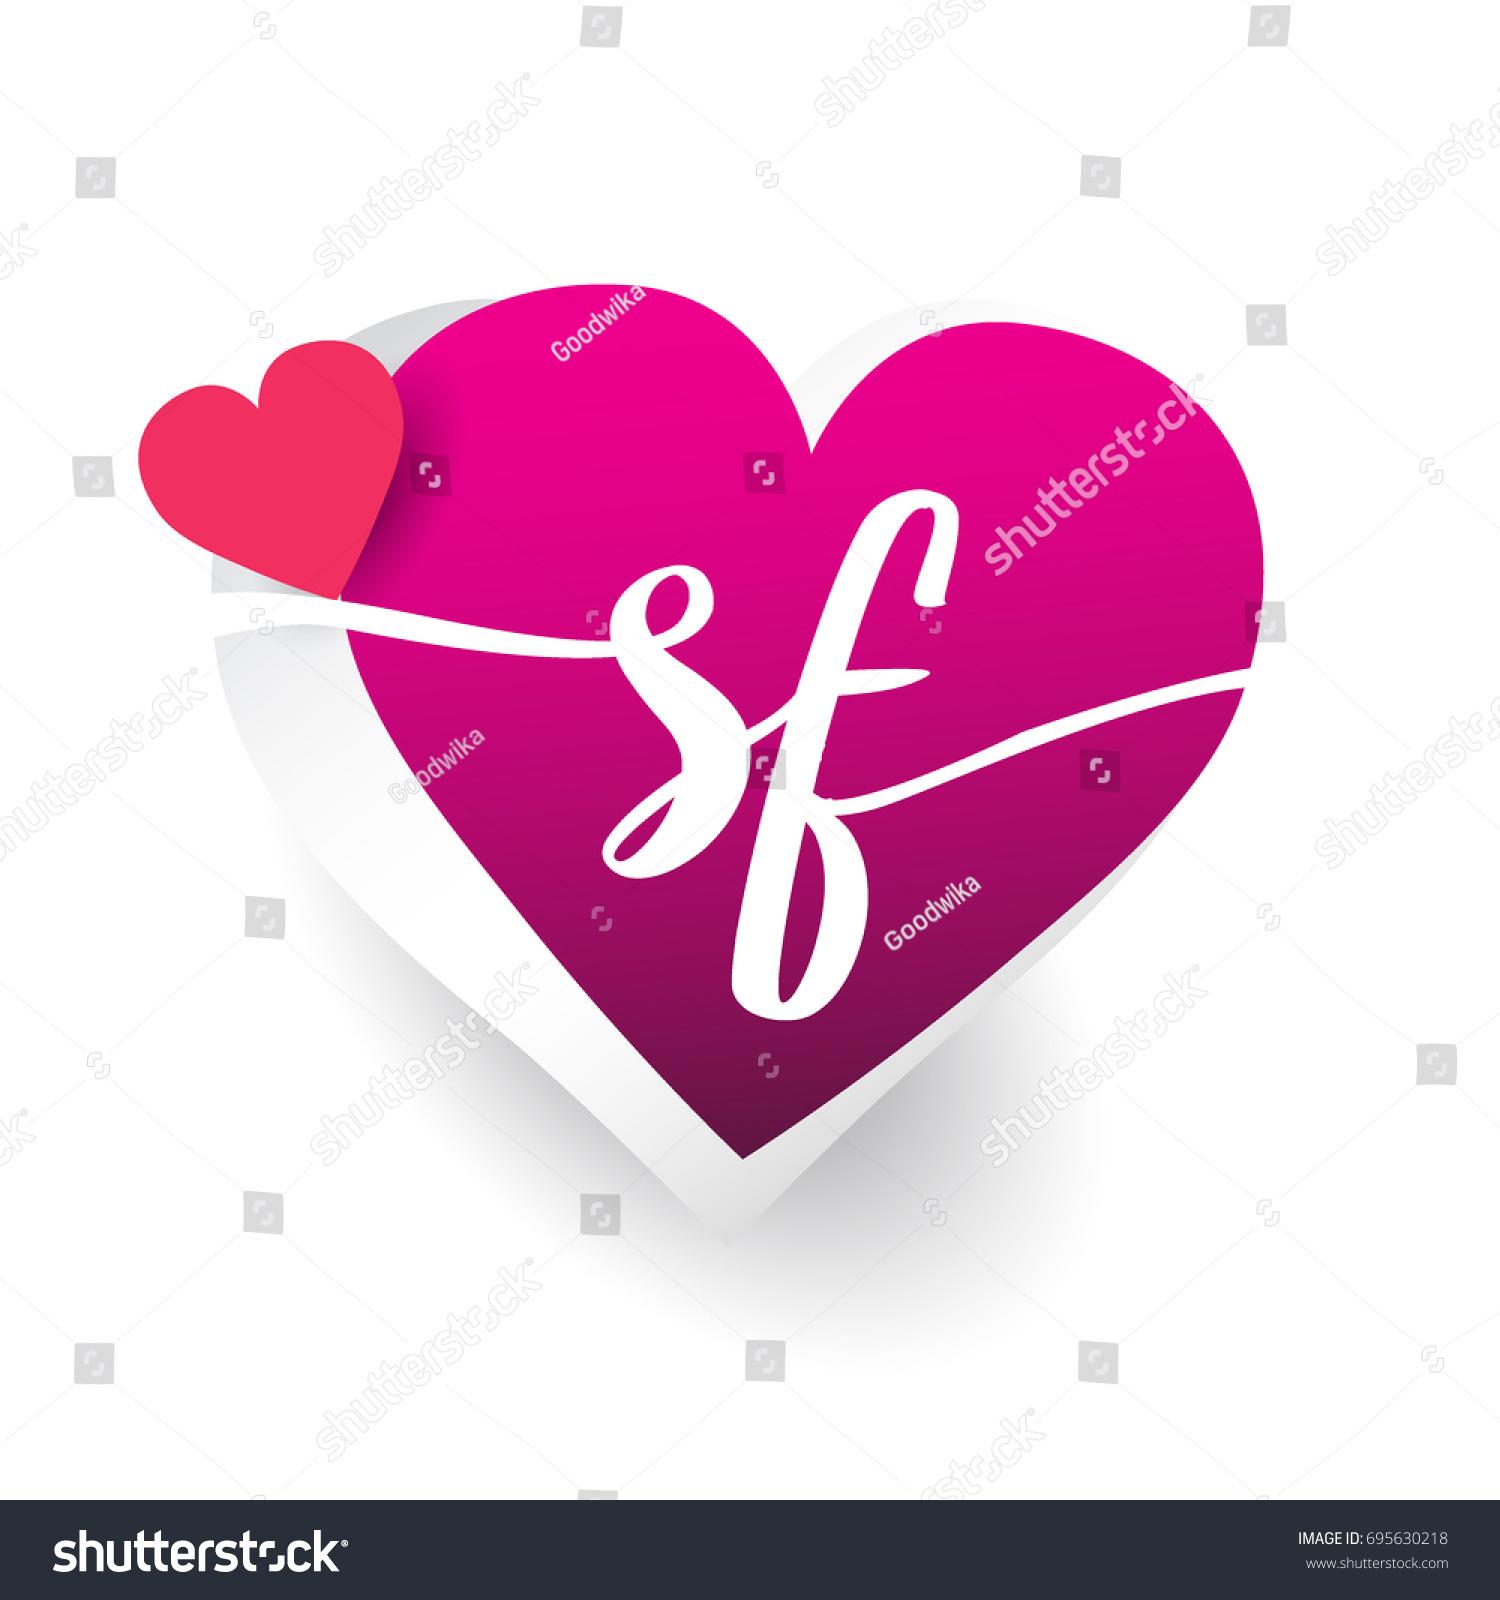 initial logo letter sf heart shape stock vector